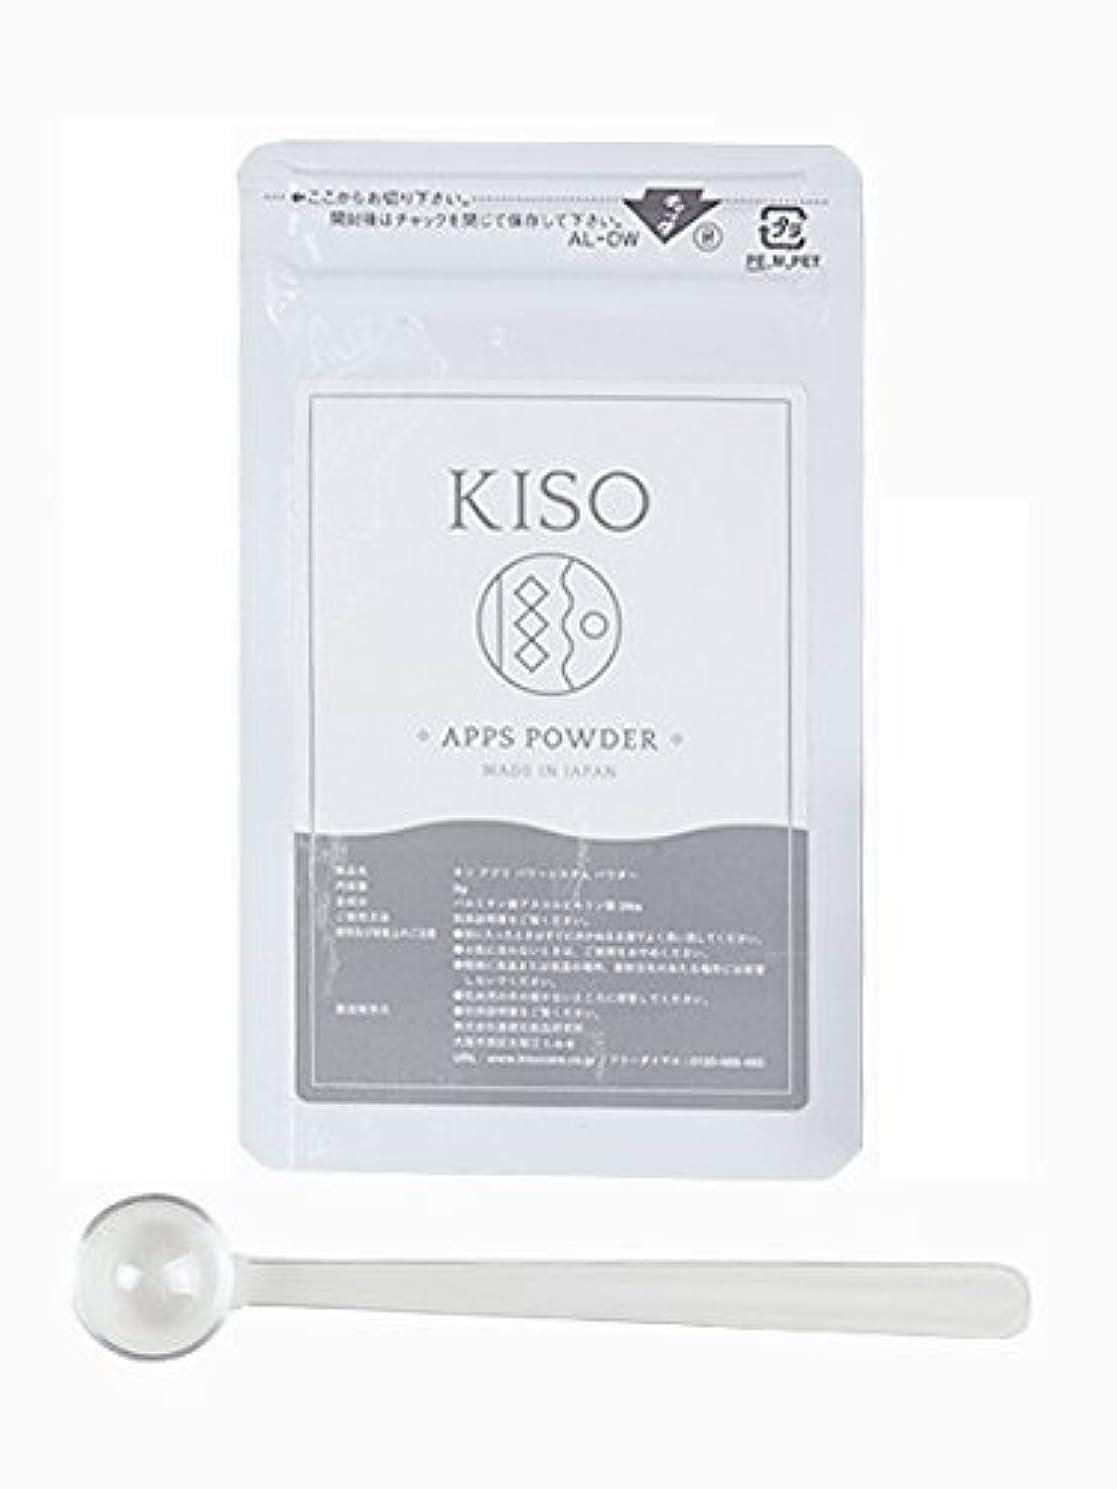 感嘆符アルミニウム顔料KISO 【APPS POWDER 3g】次世代型ビタミンC誘導体100%パウダー 「アプレシエ」1%化粧水なら300mL分/日本製